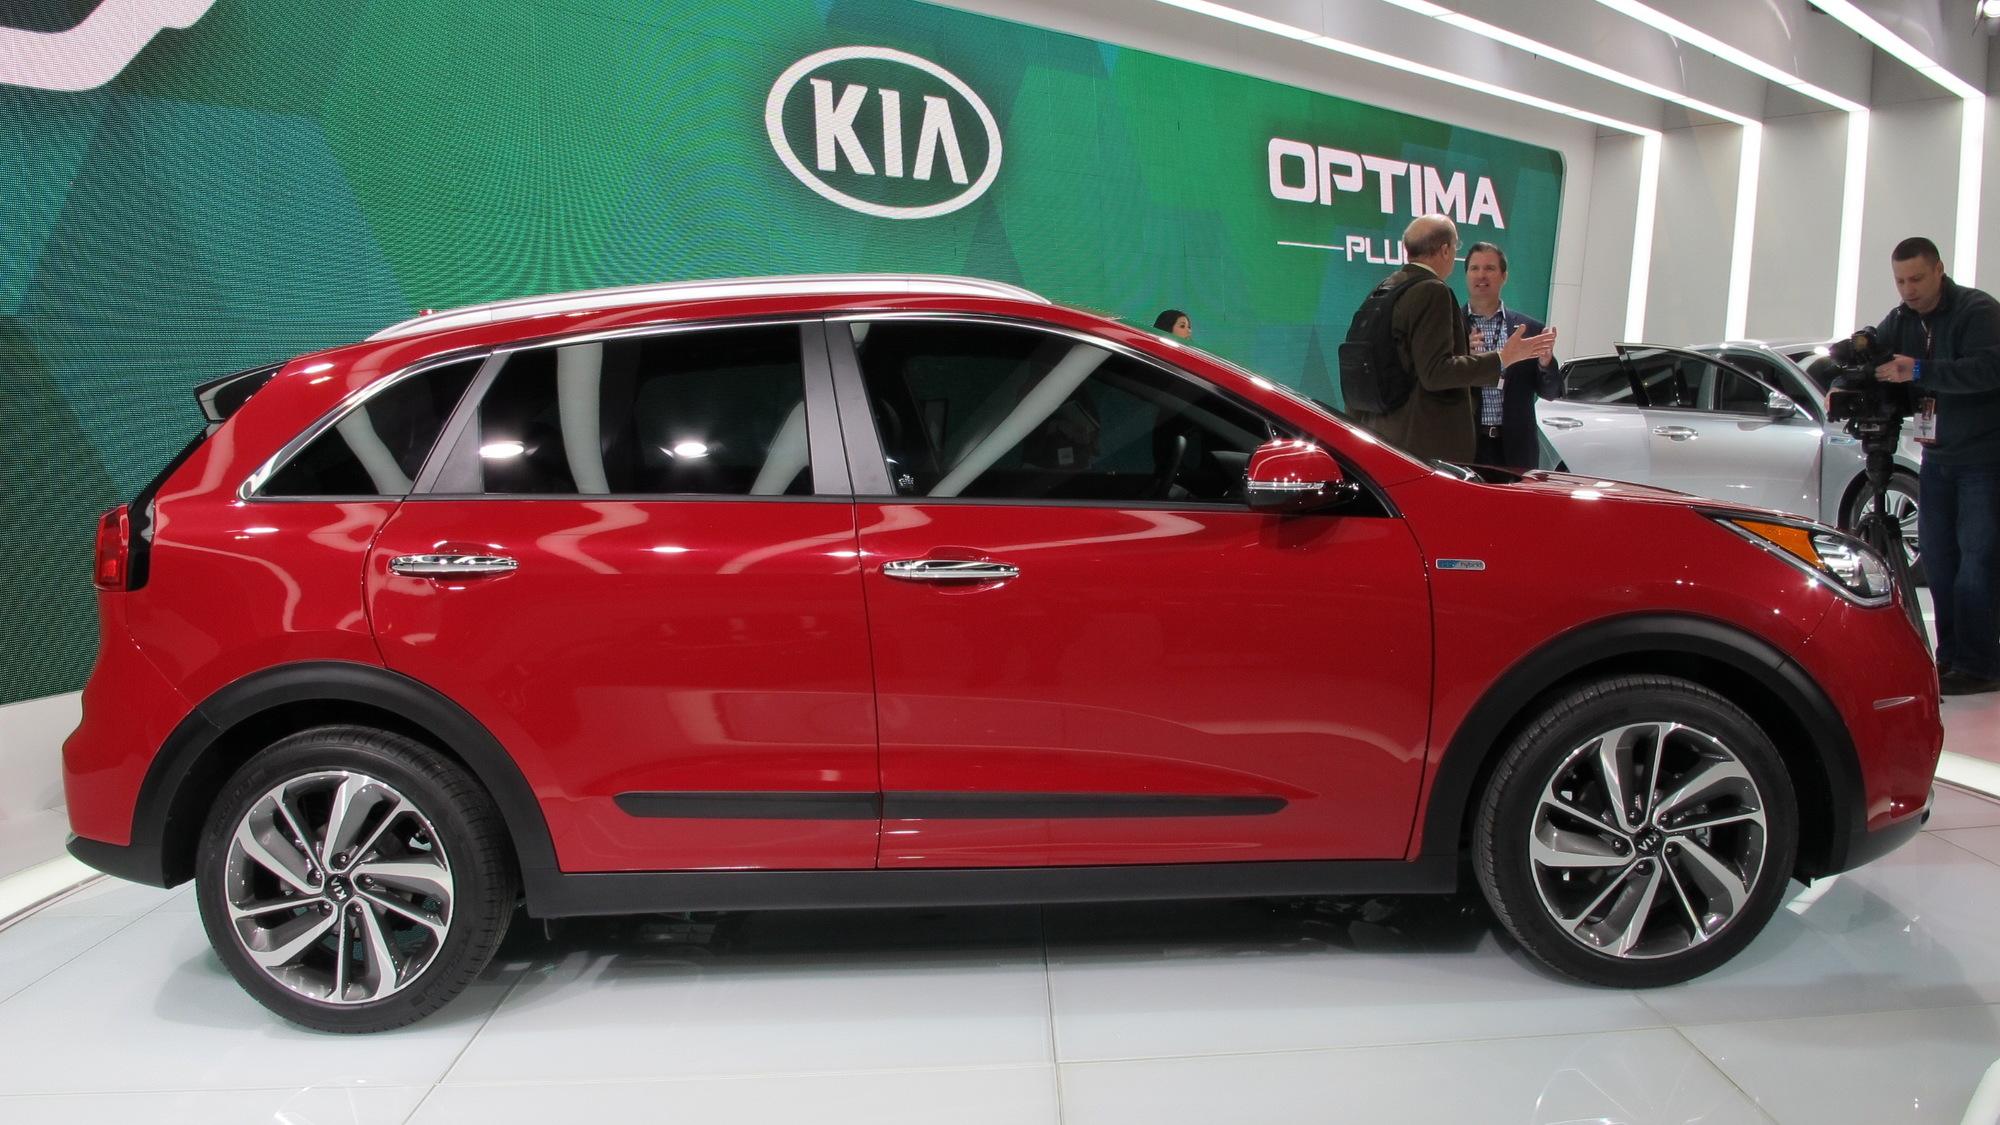 2017 Kia Niro, 2016 Chicago Auto Show